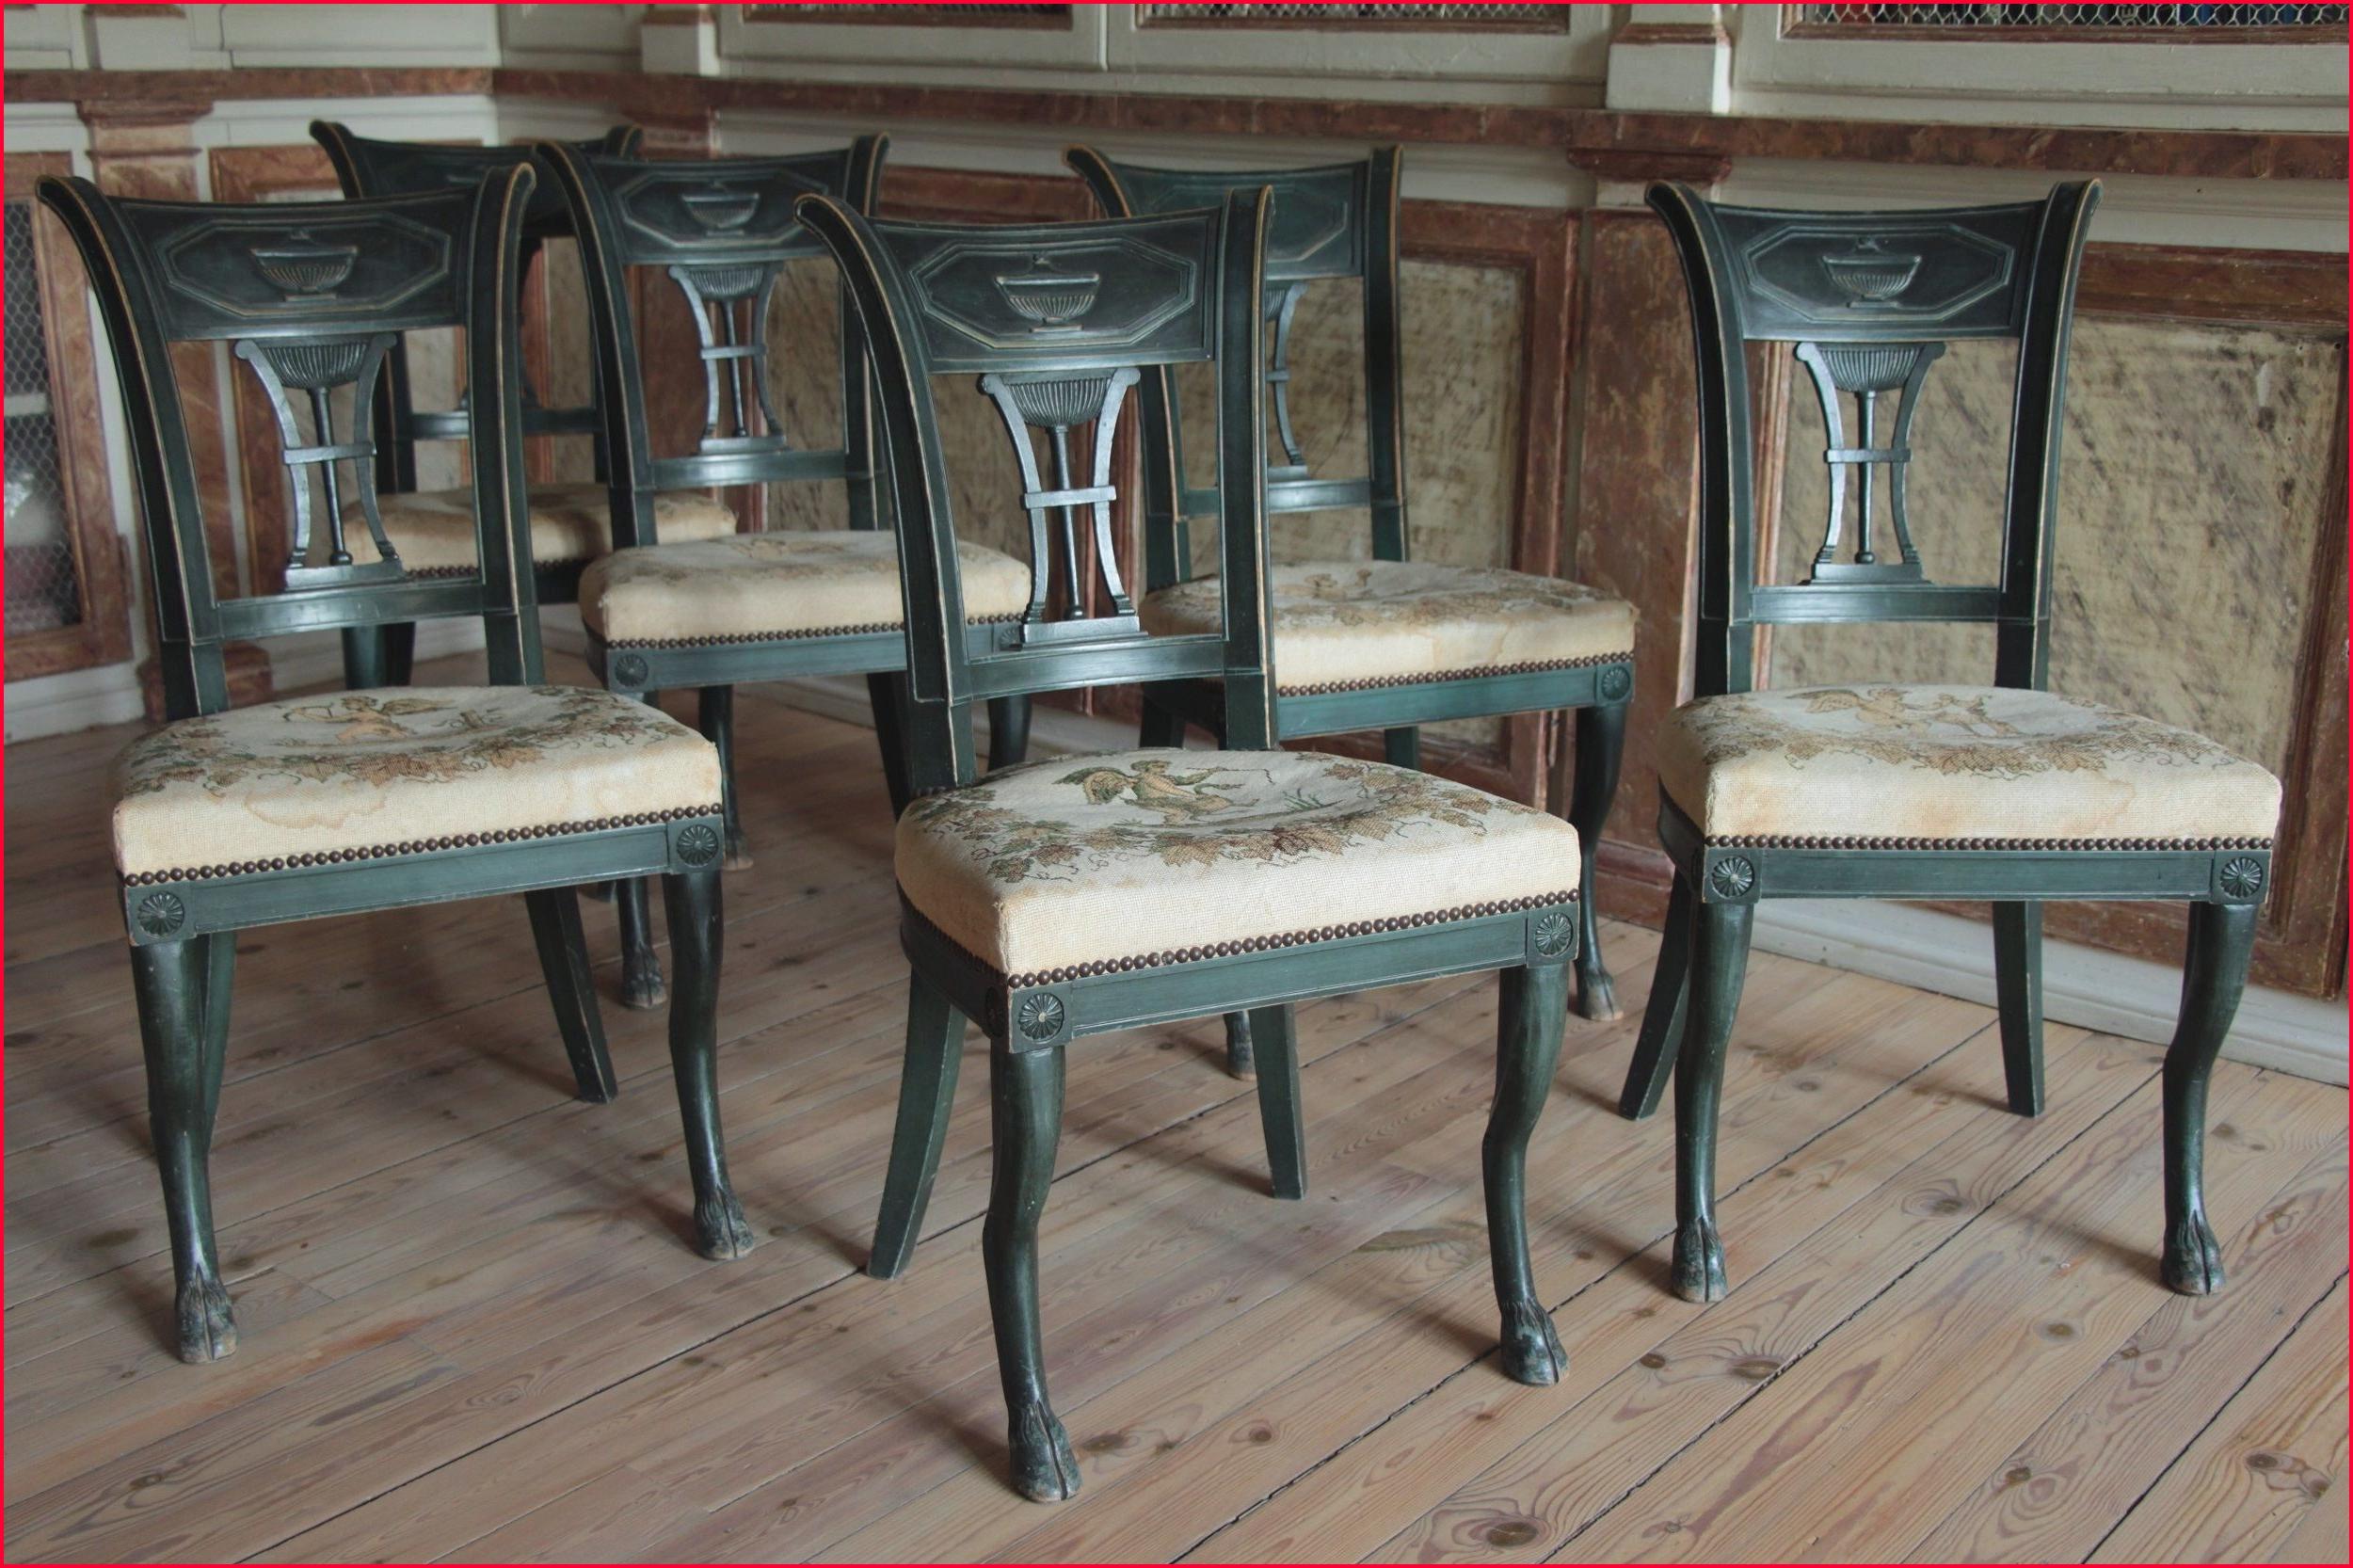 Compra venta muebles usados amazing usados america with for Compra de muebles usados